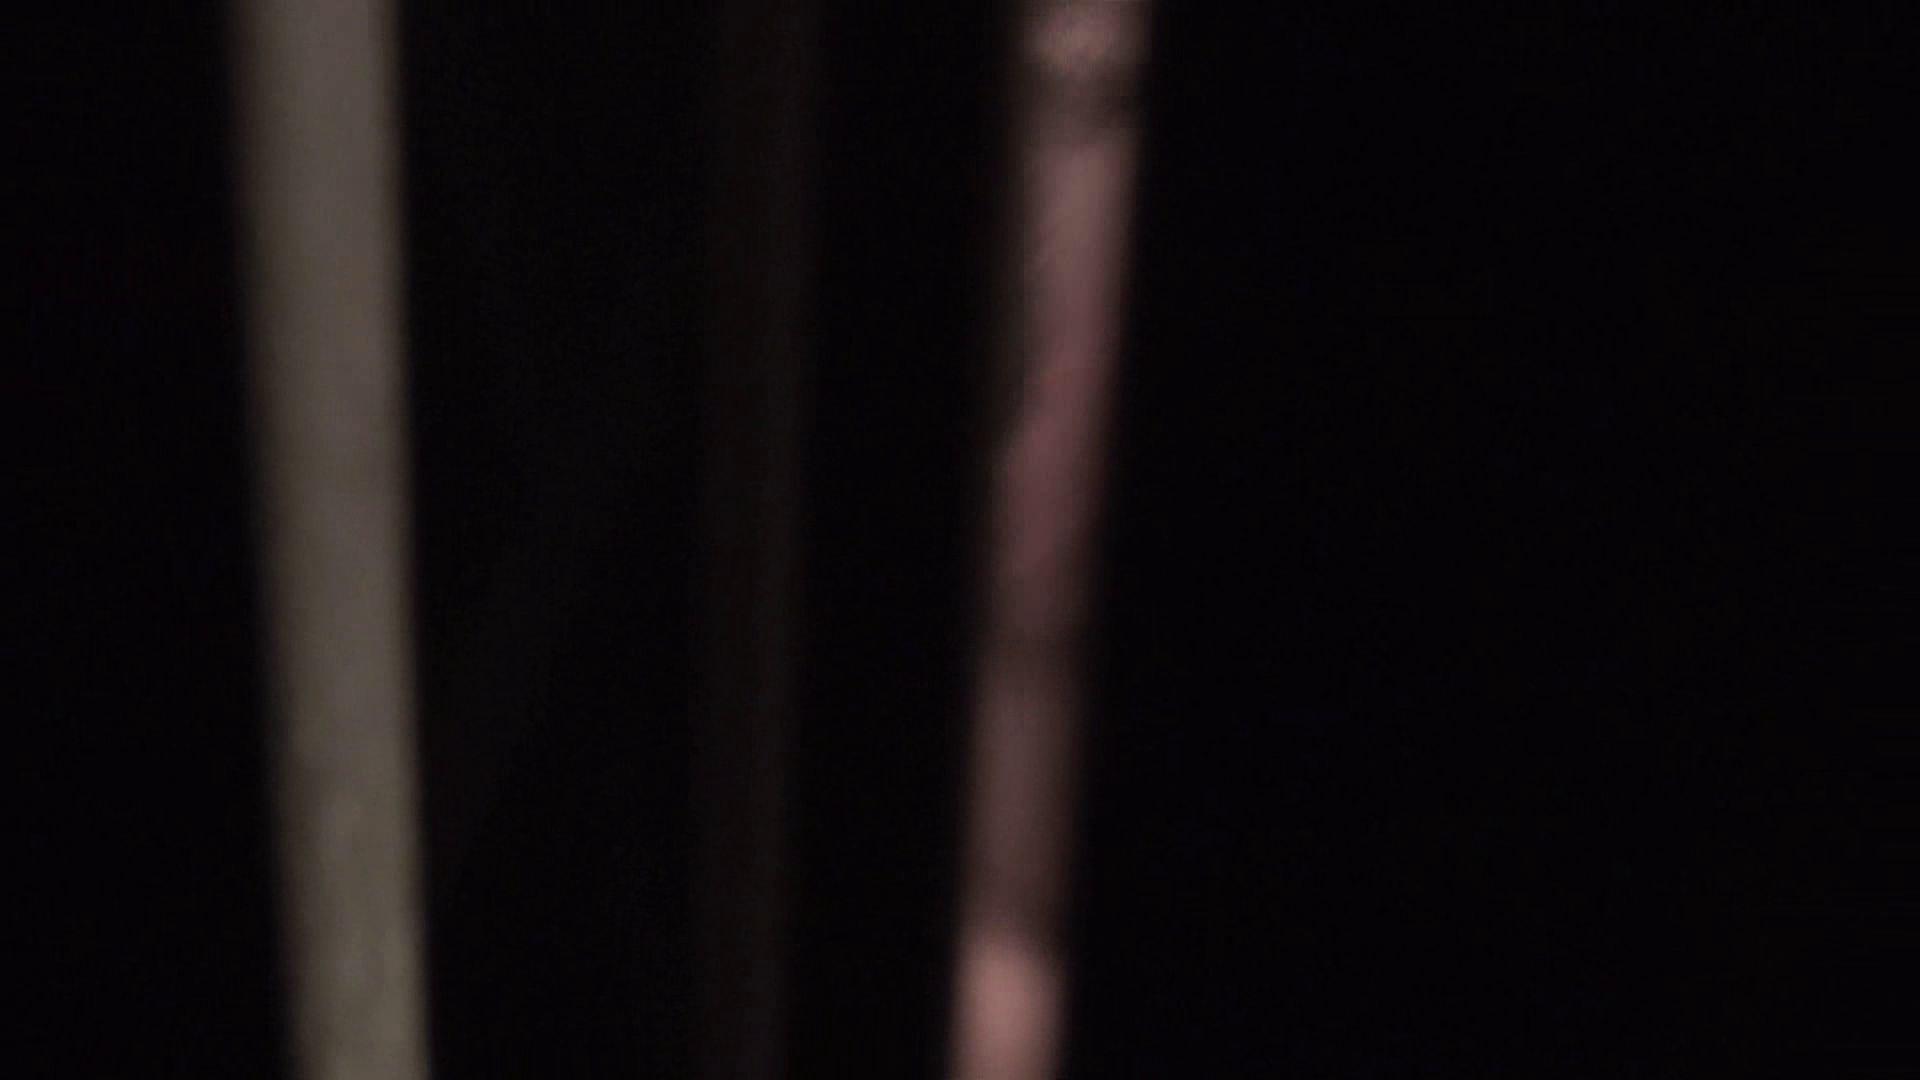 民家の騎士さんの最後の性戦ハイビジョン!!No.47 おっぱい オマンコ無修正動画無料 79画像 22